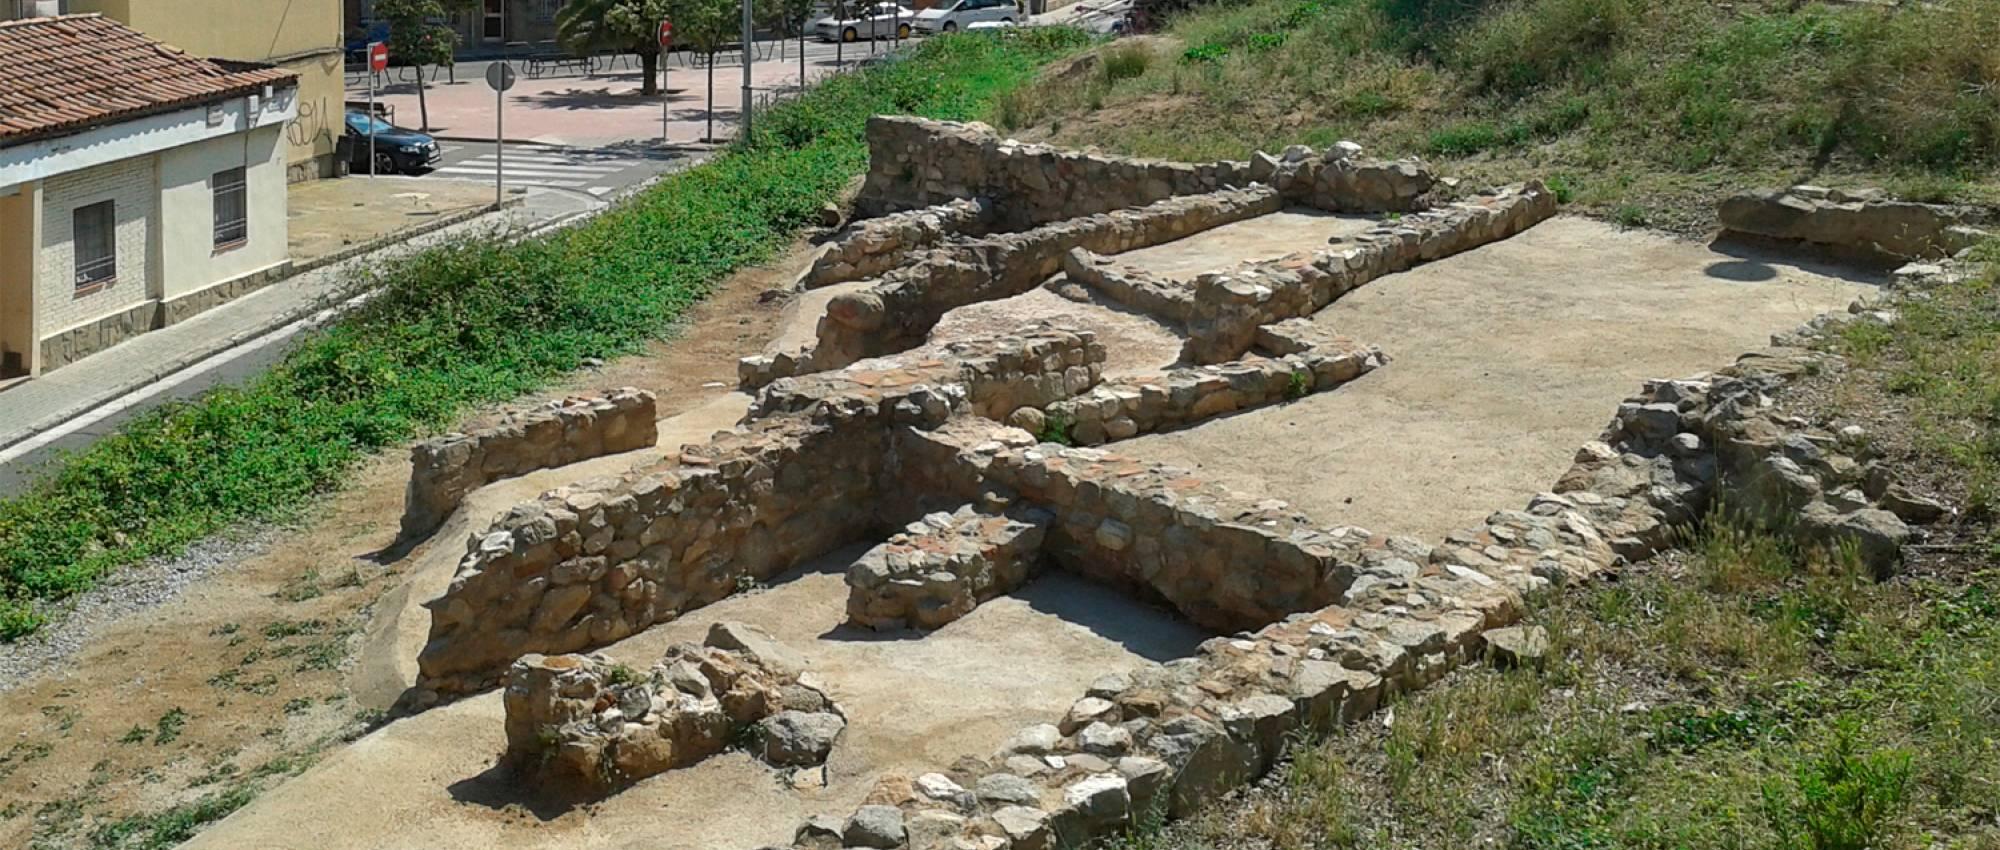 Restes de la Vil·la dels Caputxins, a Mataró. CC By-SA 3.0 -Vàngelis Villar / Wikimedia Commons